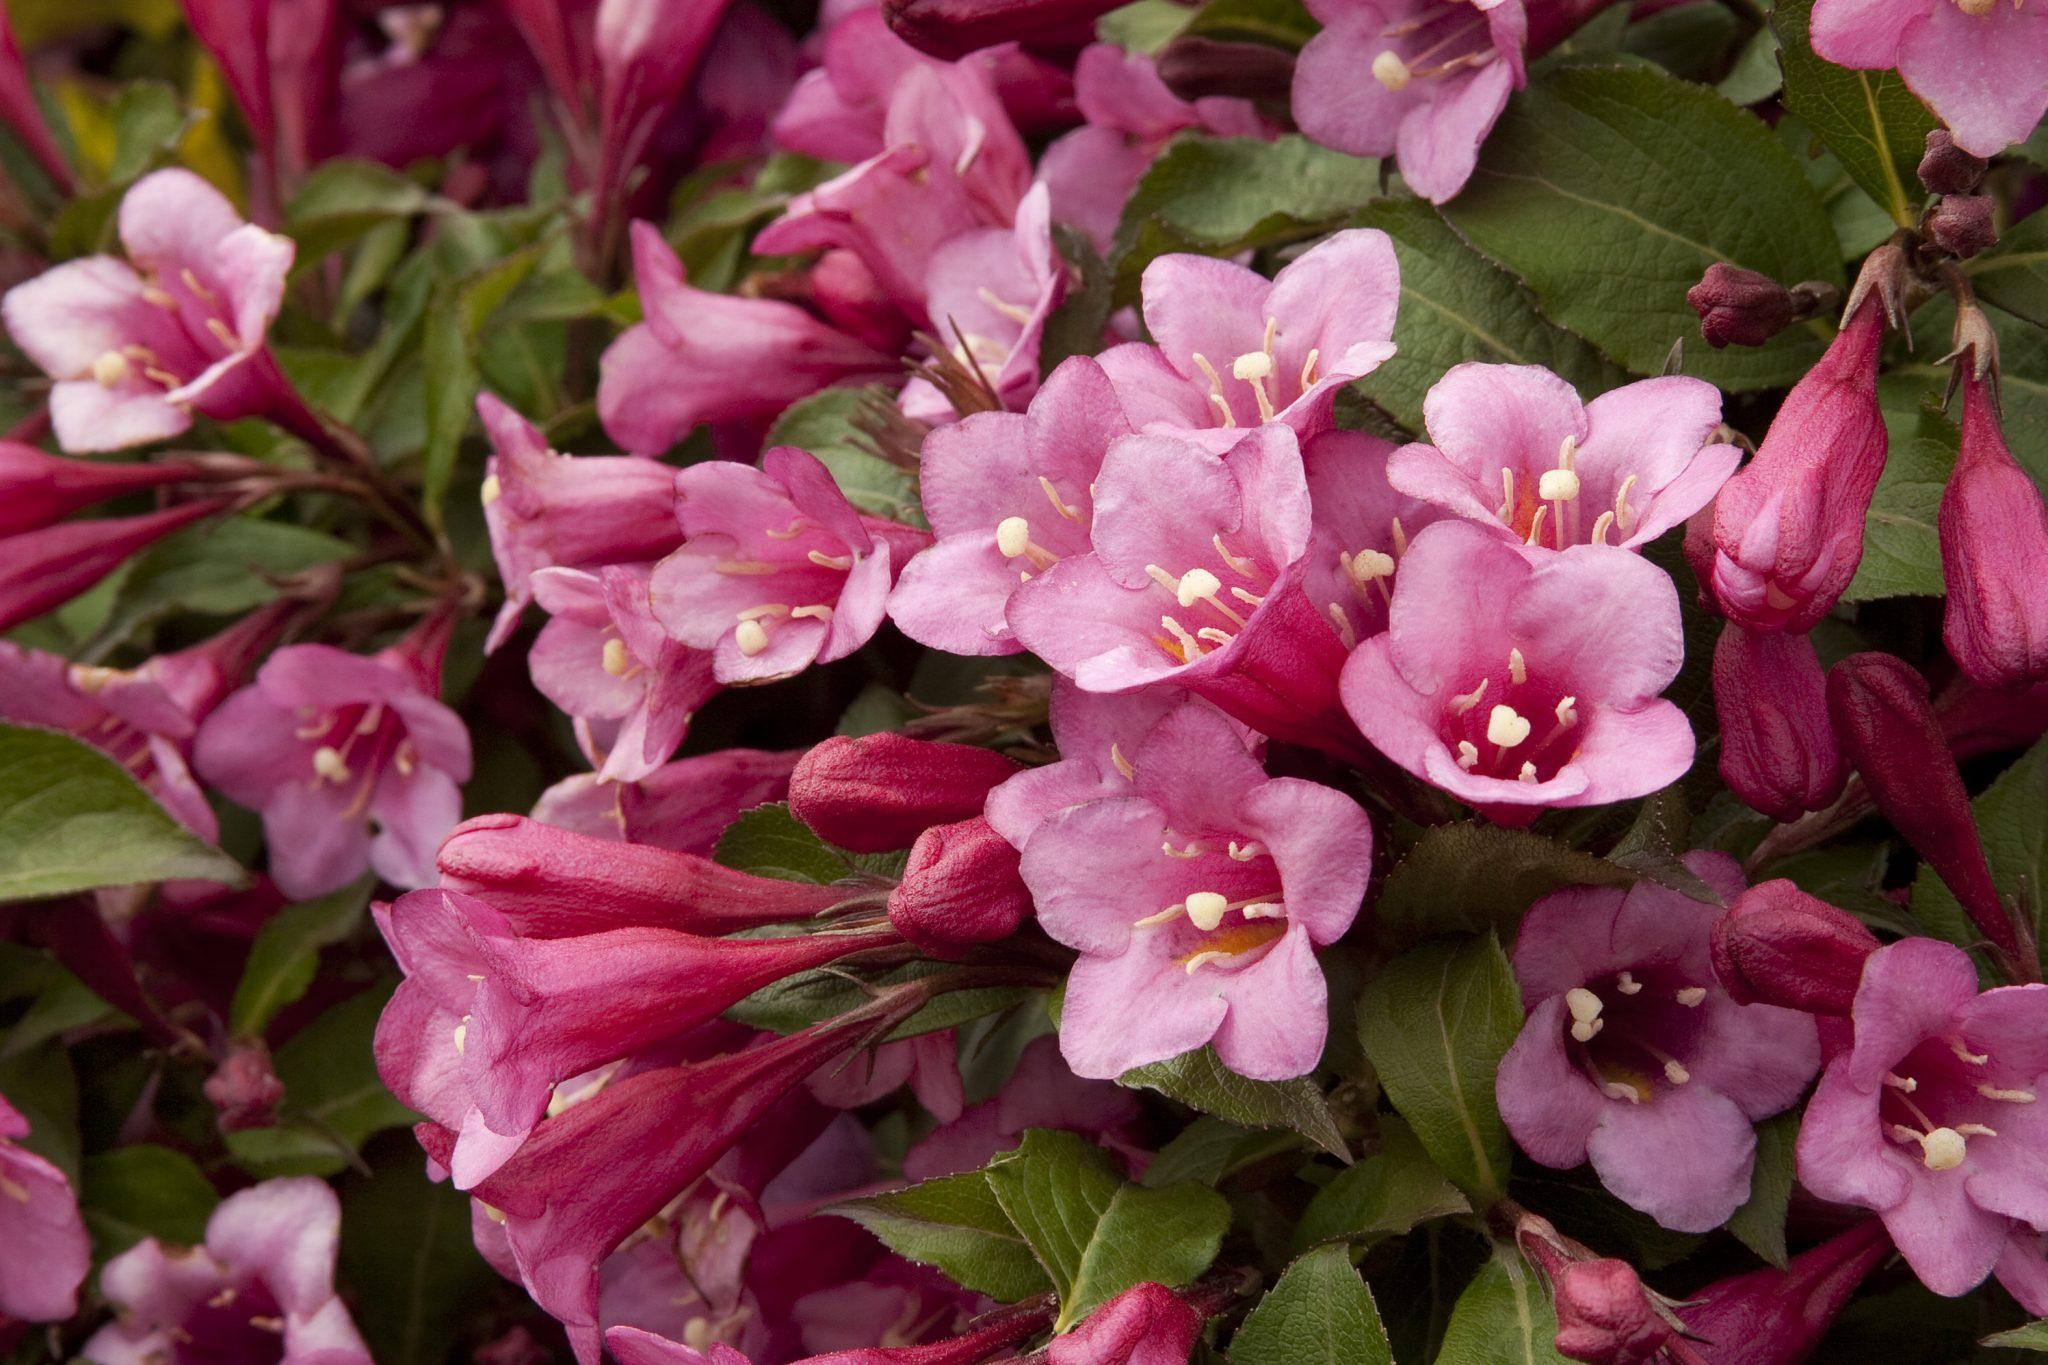 weigela flowering shrub